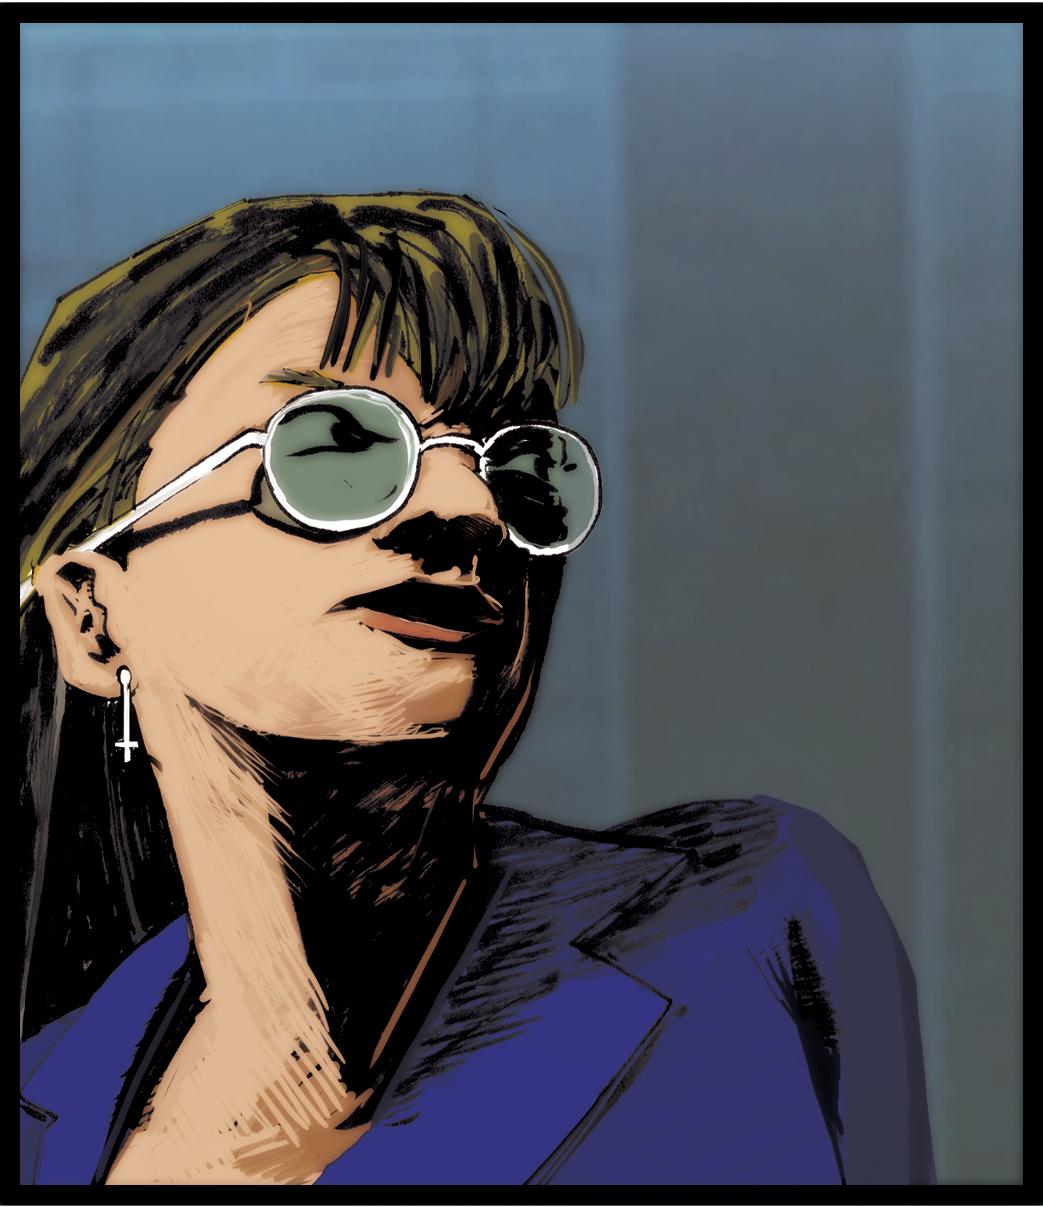 Monomania panel #54